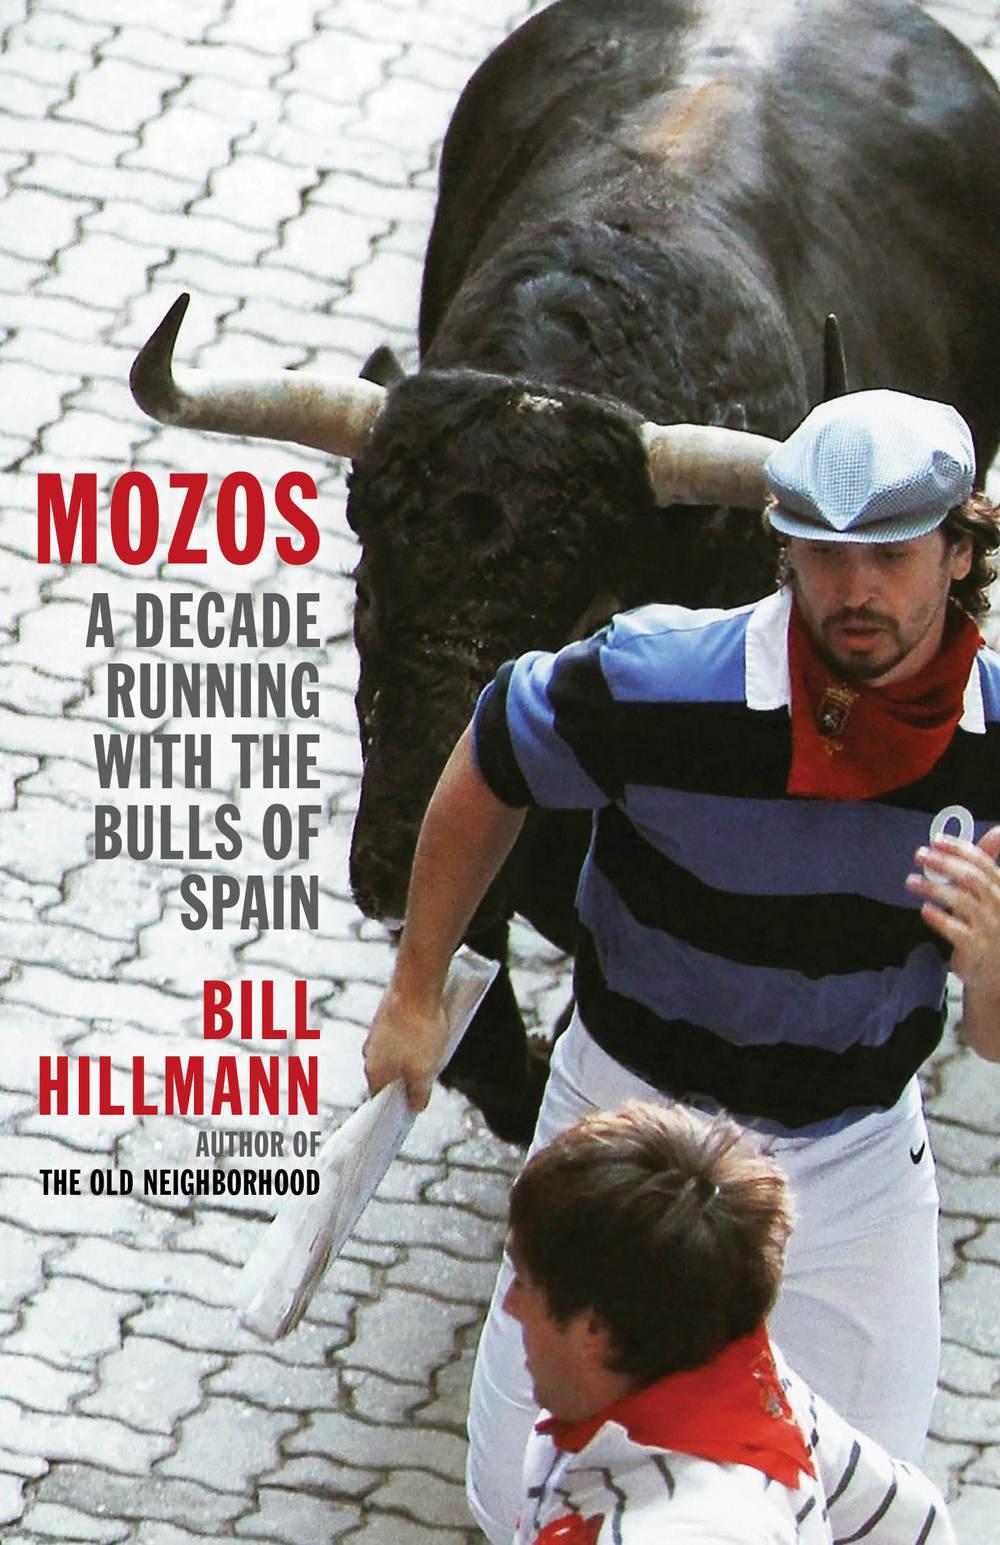 Mozos_BillHillmann